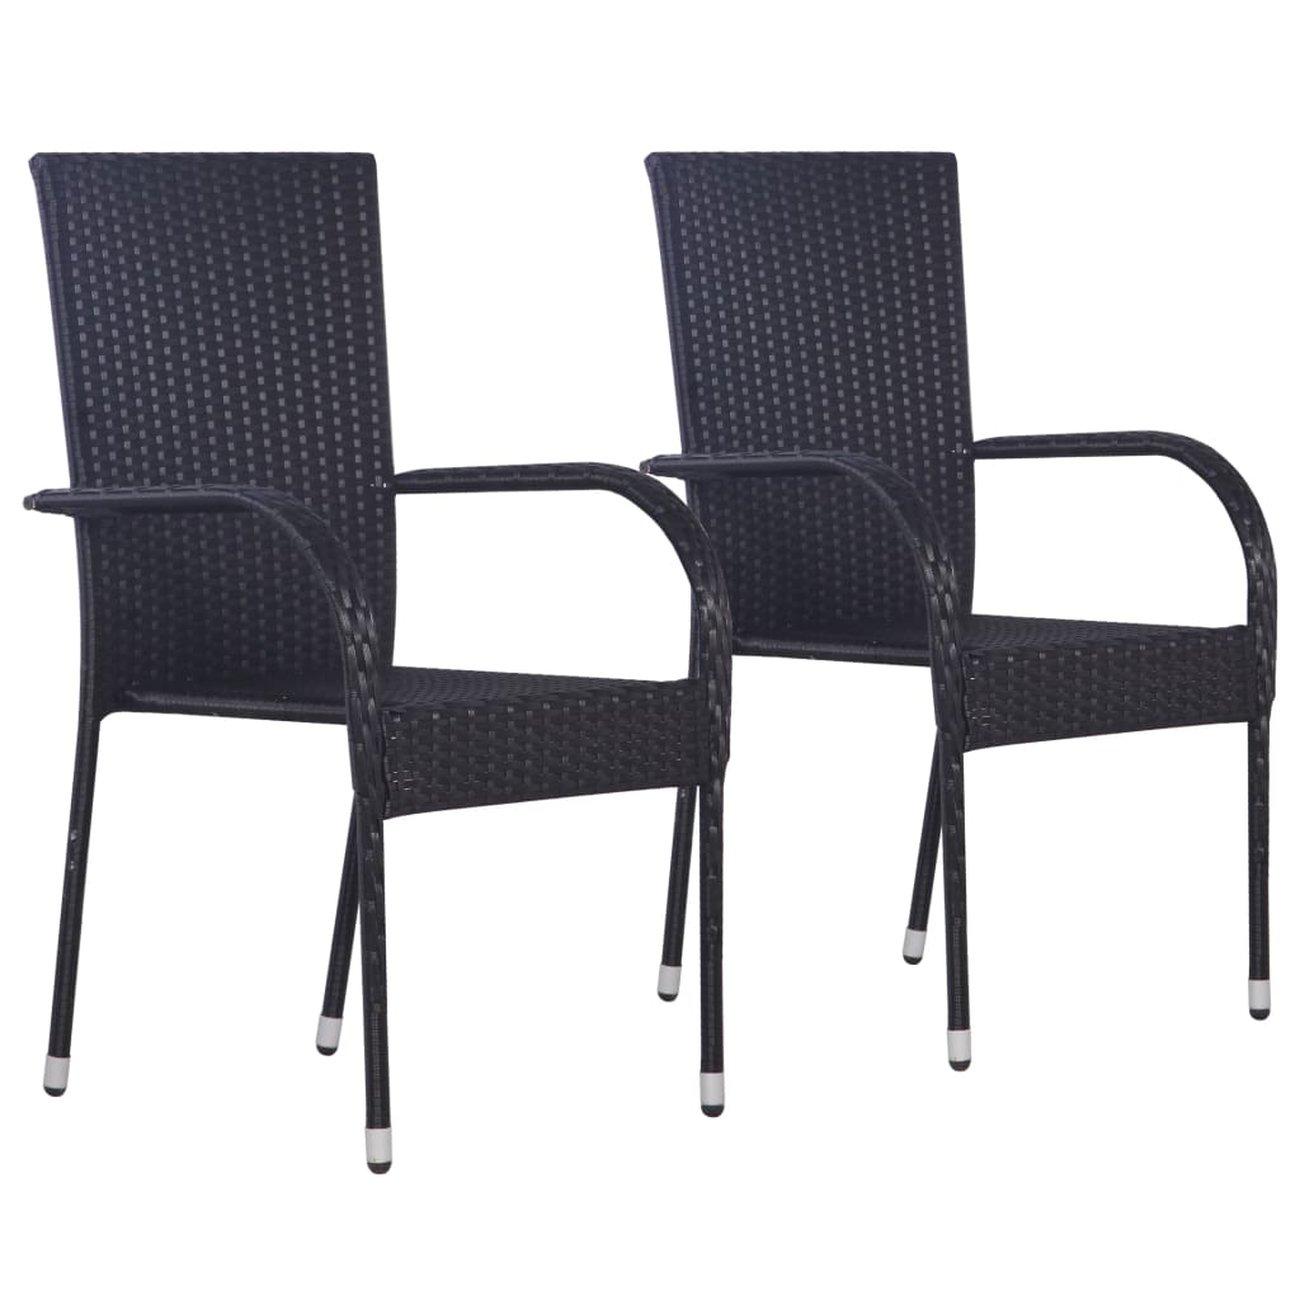 vidaxl chaises empilables dexterieur 2 pcs resine tressee noir 1 v2